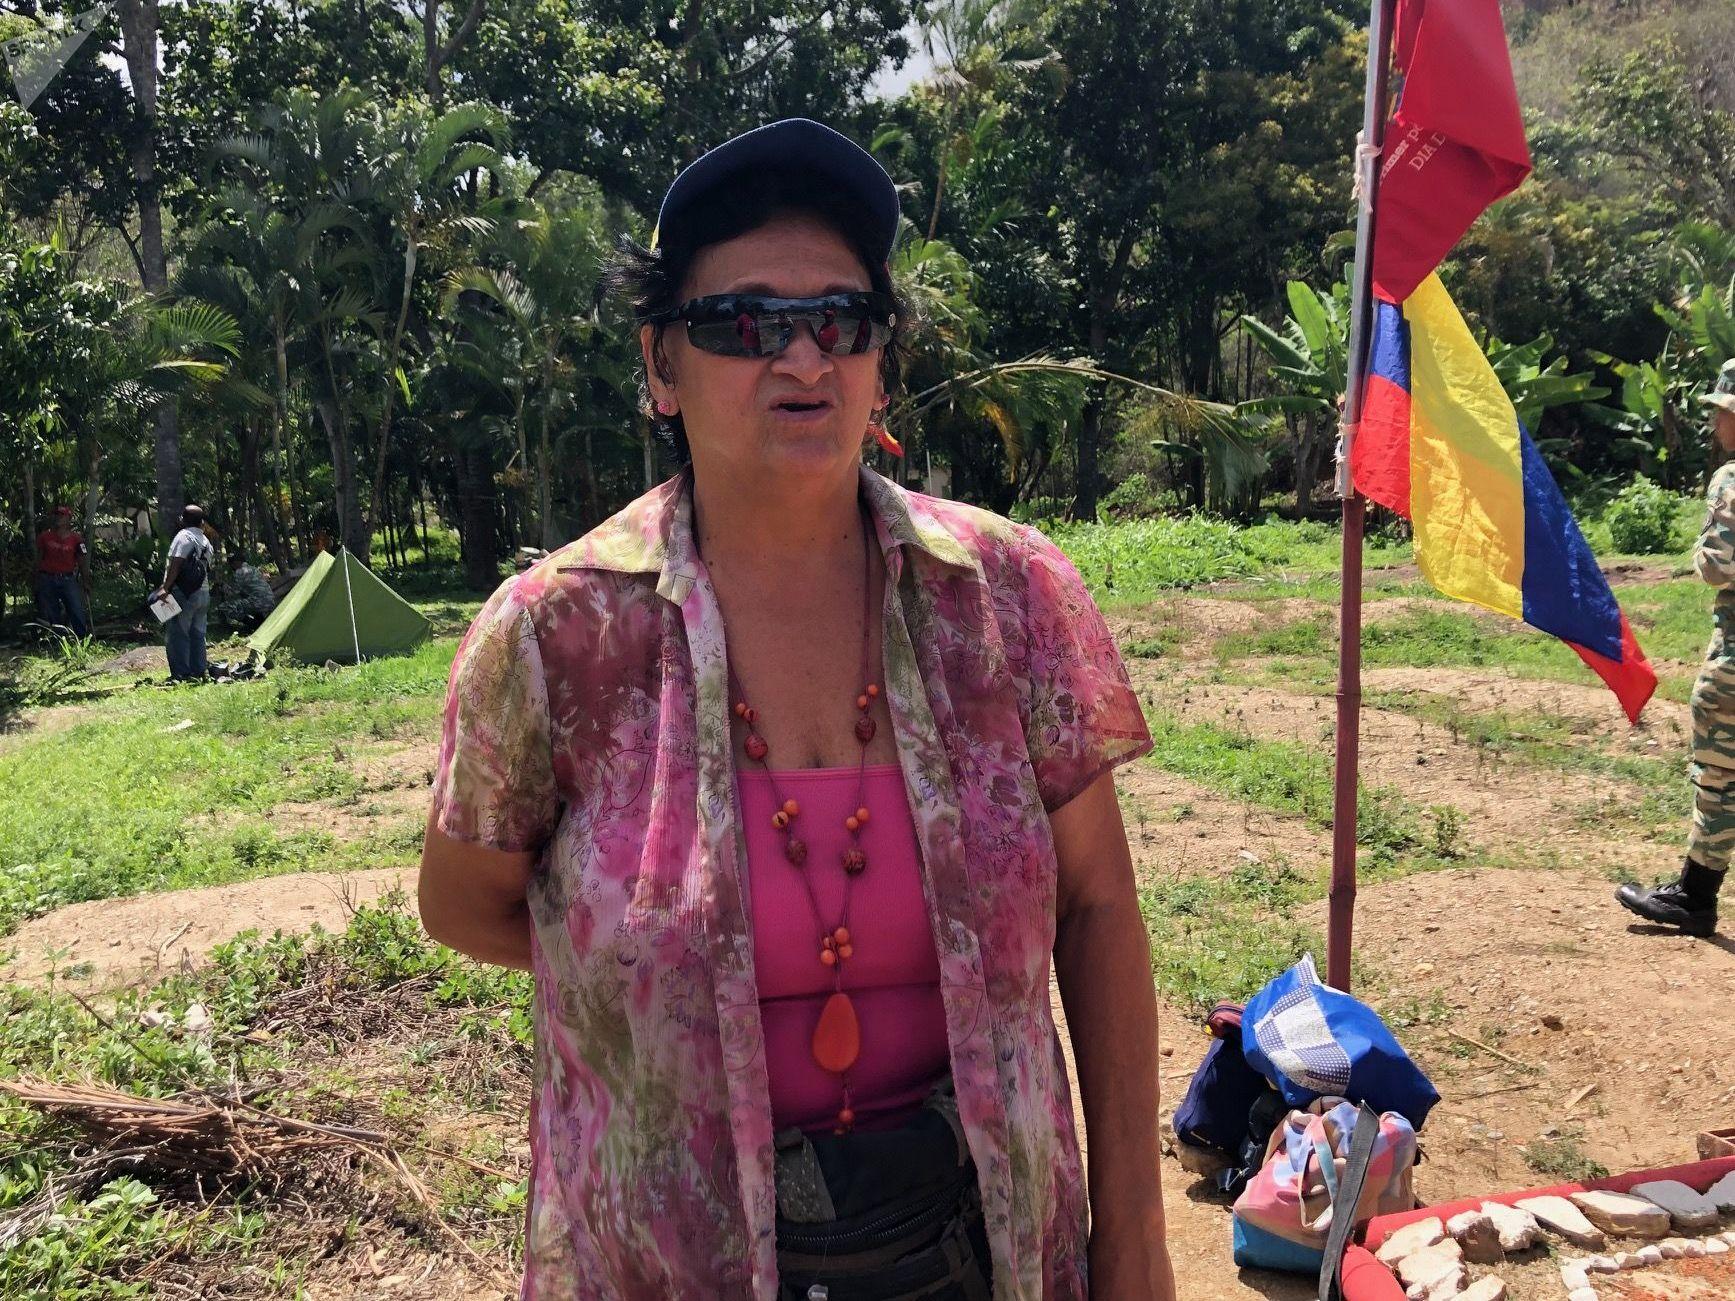 Dulce Núñez cuenta que gracias al entrenamiento militar que recibe es capaz de soportar los efectos de los gases lacrimógenos (a pesar de sus 69 años)